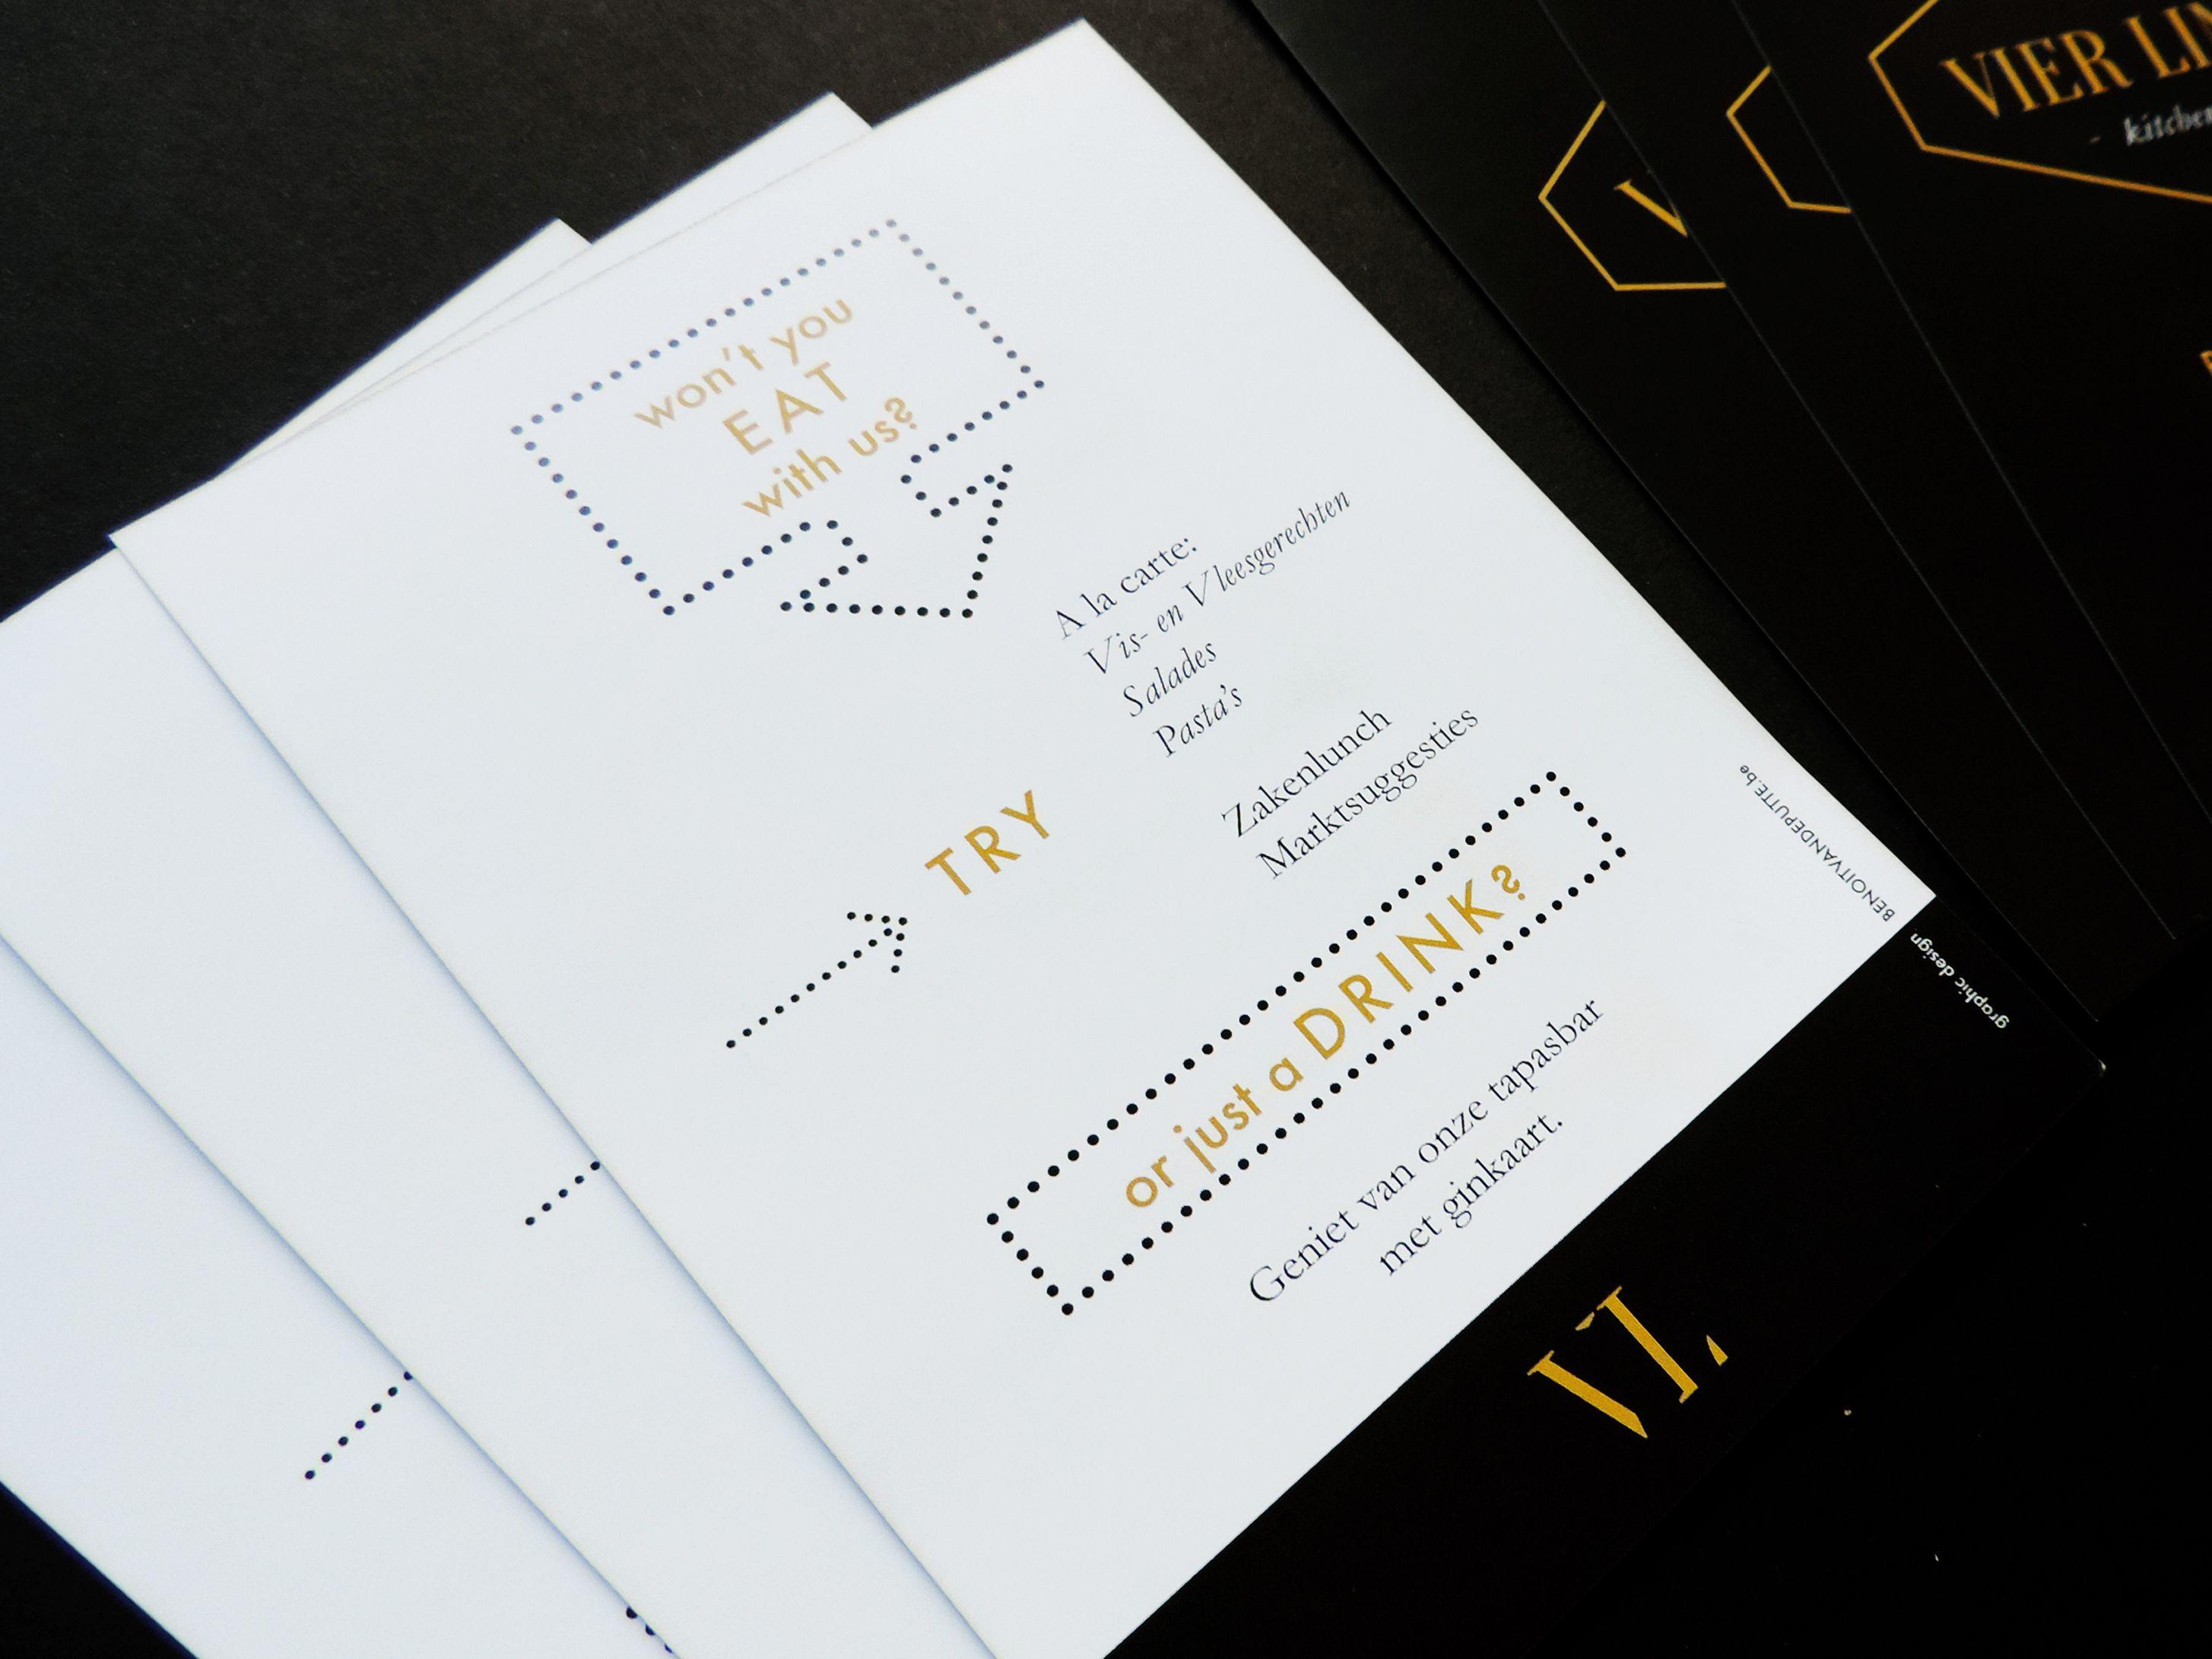 Vier Linden Kitchen & Bar - Graphic Design - Flyer by benoitvandeputte.com